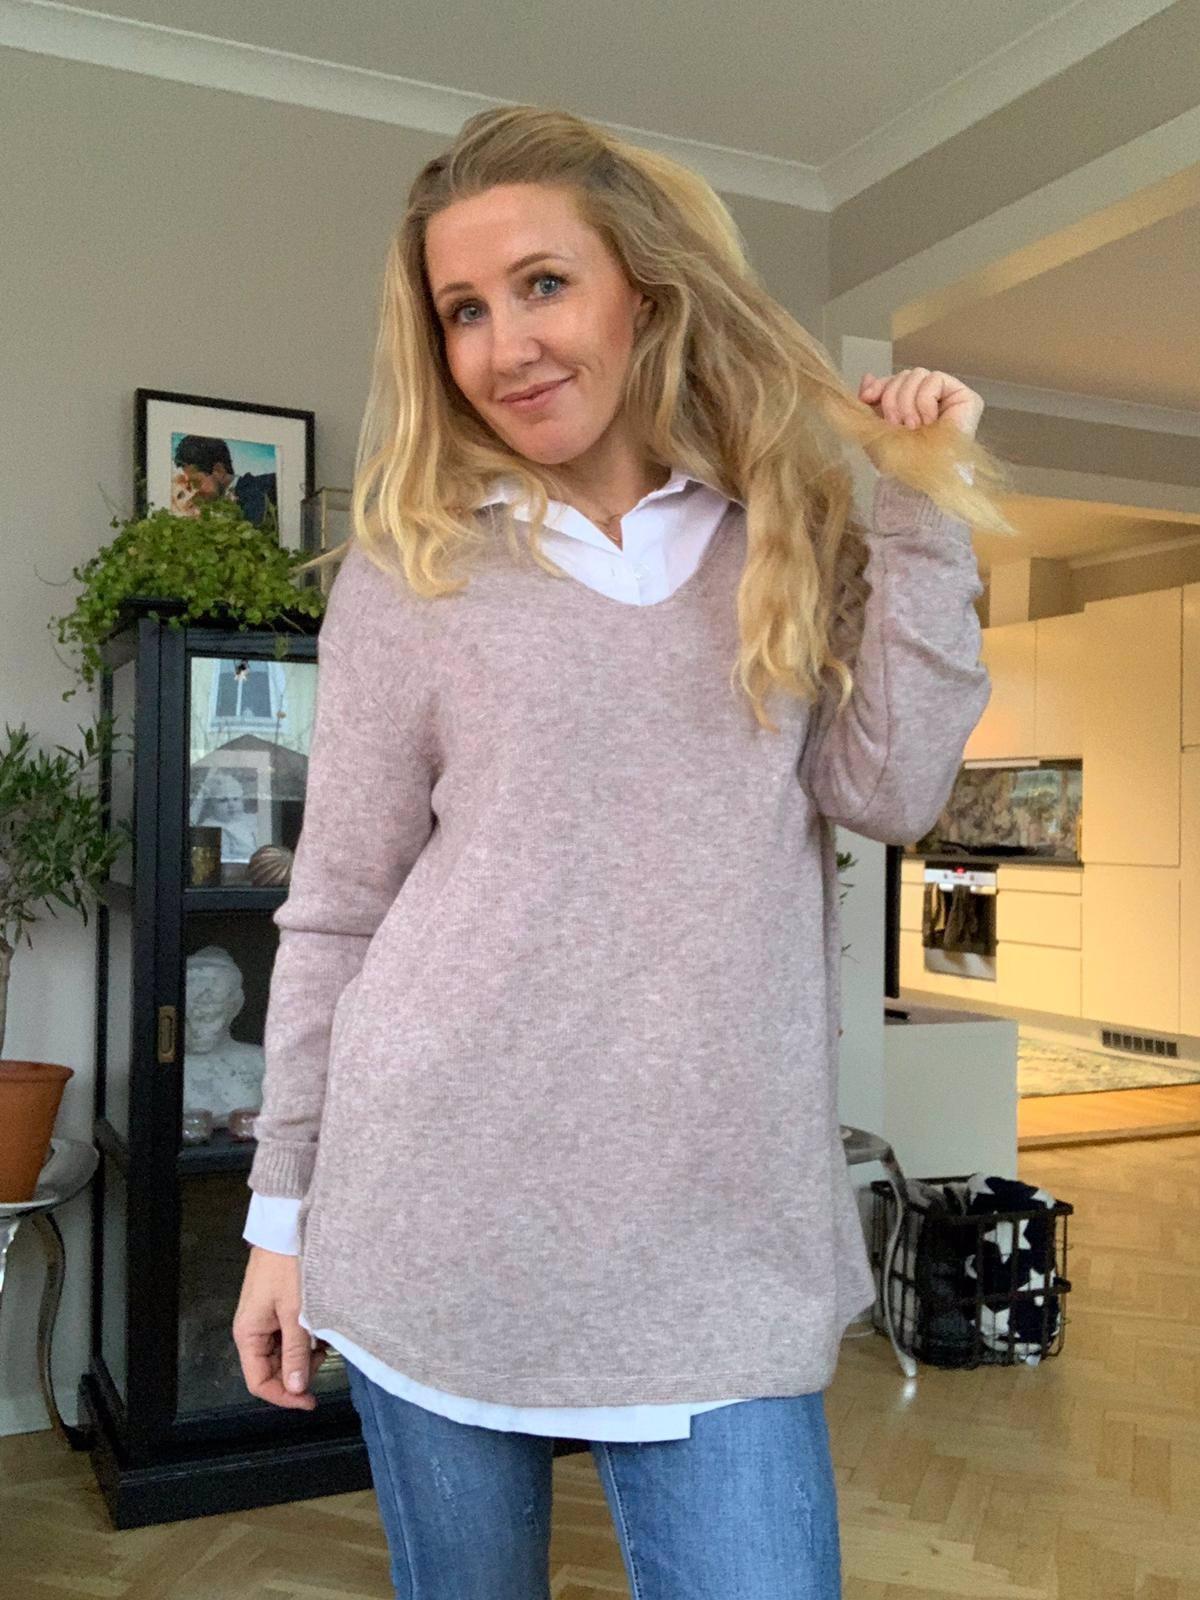 Yvette Finstickad tröja - V-ringad - Taupe